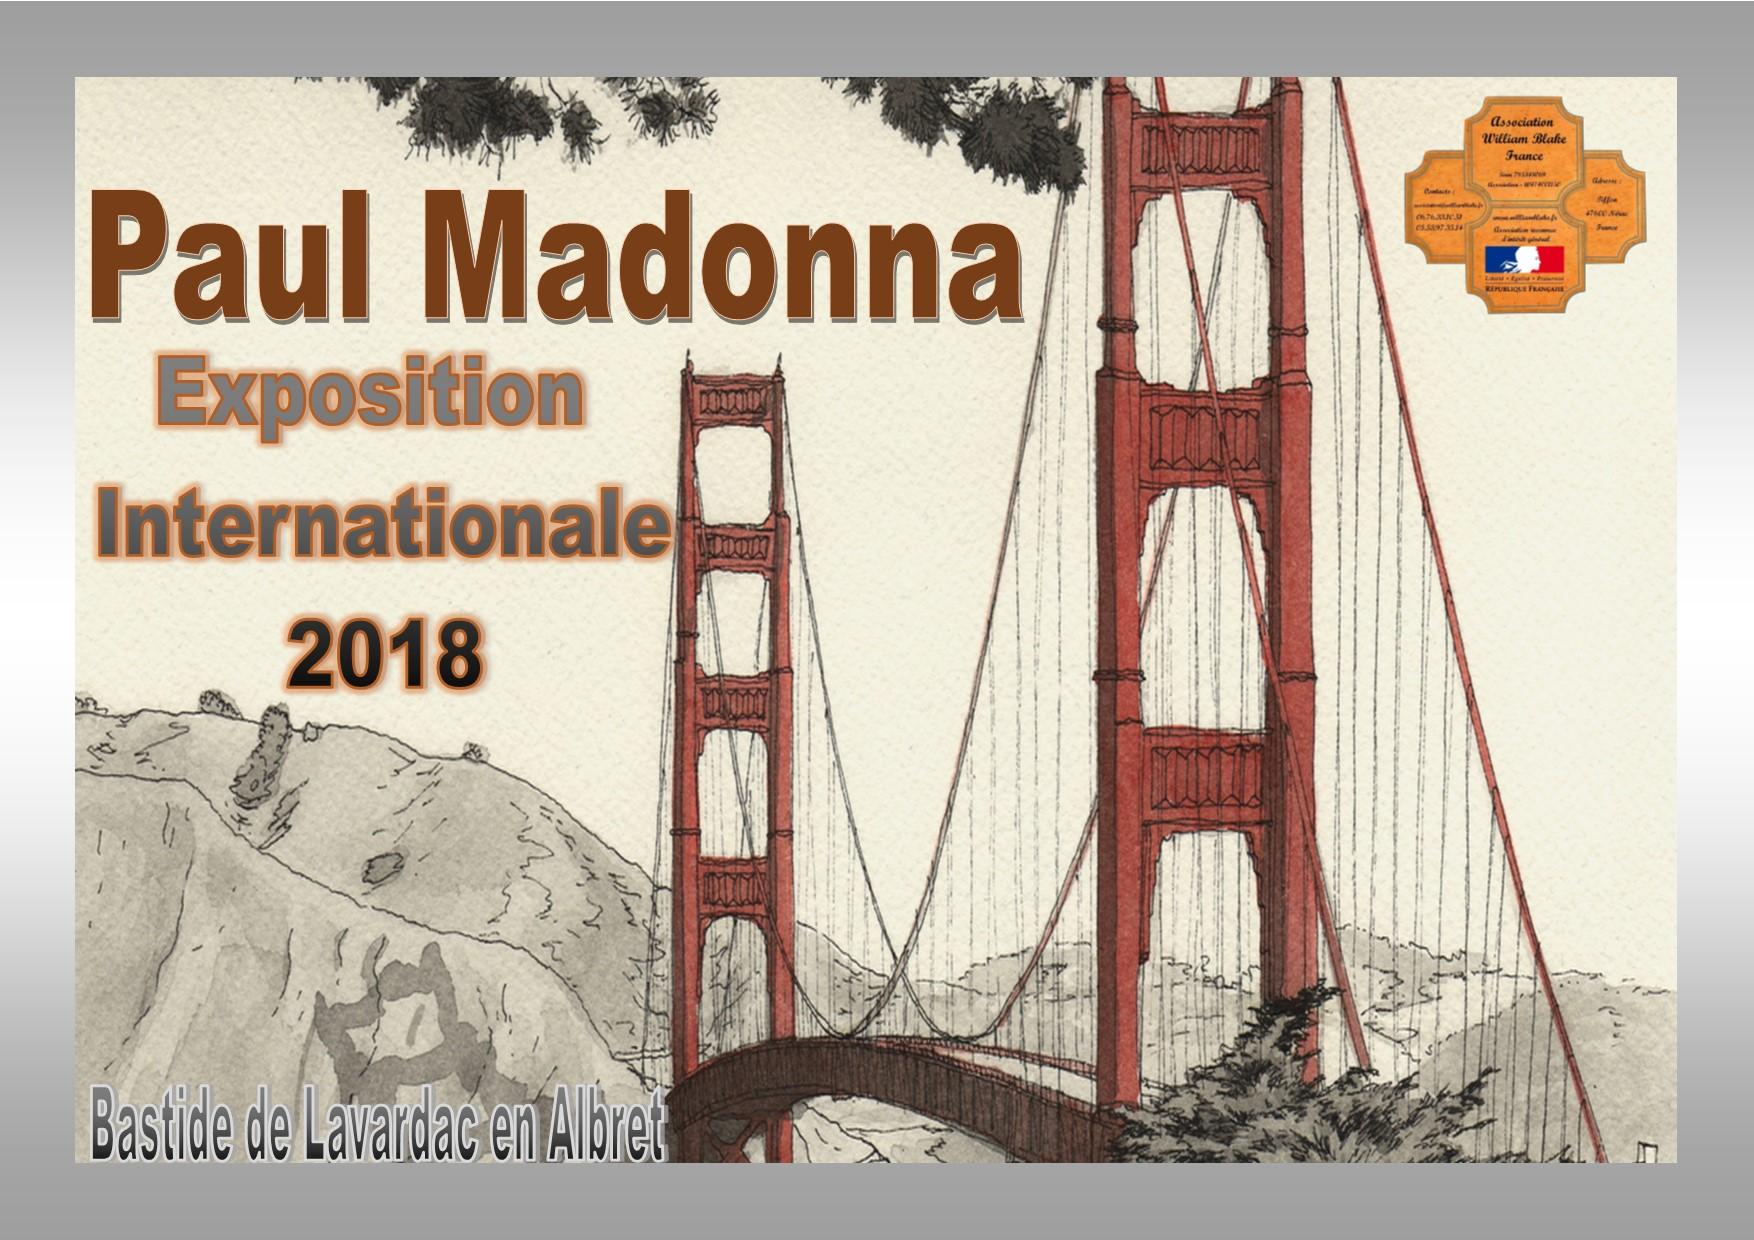 Exposition Paul Madonna 2018: les œuvres exposées.